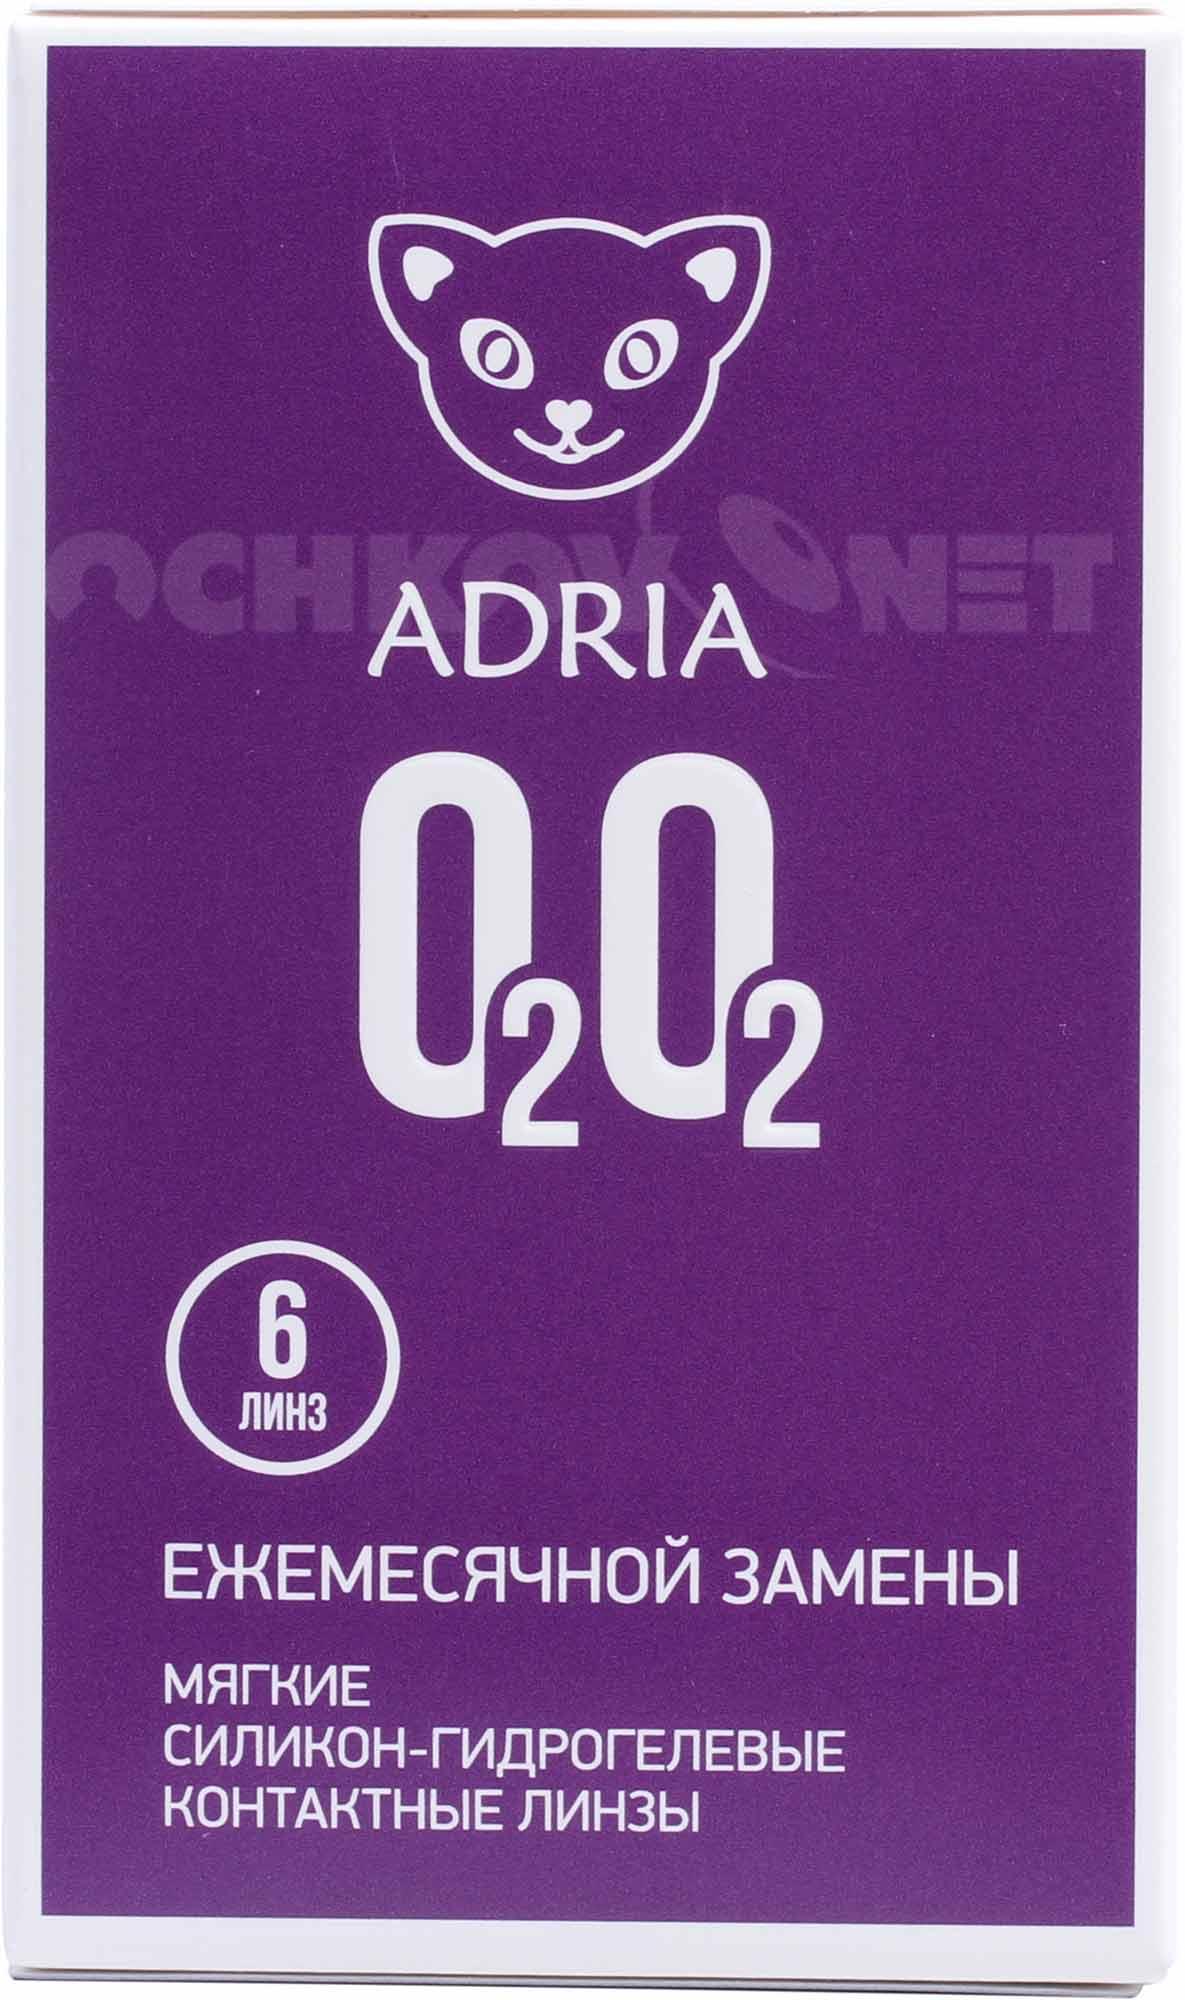 Контактные линзы Adria O2O2 (6 линз) Interojo